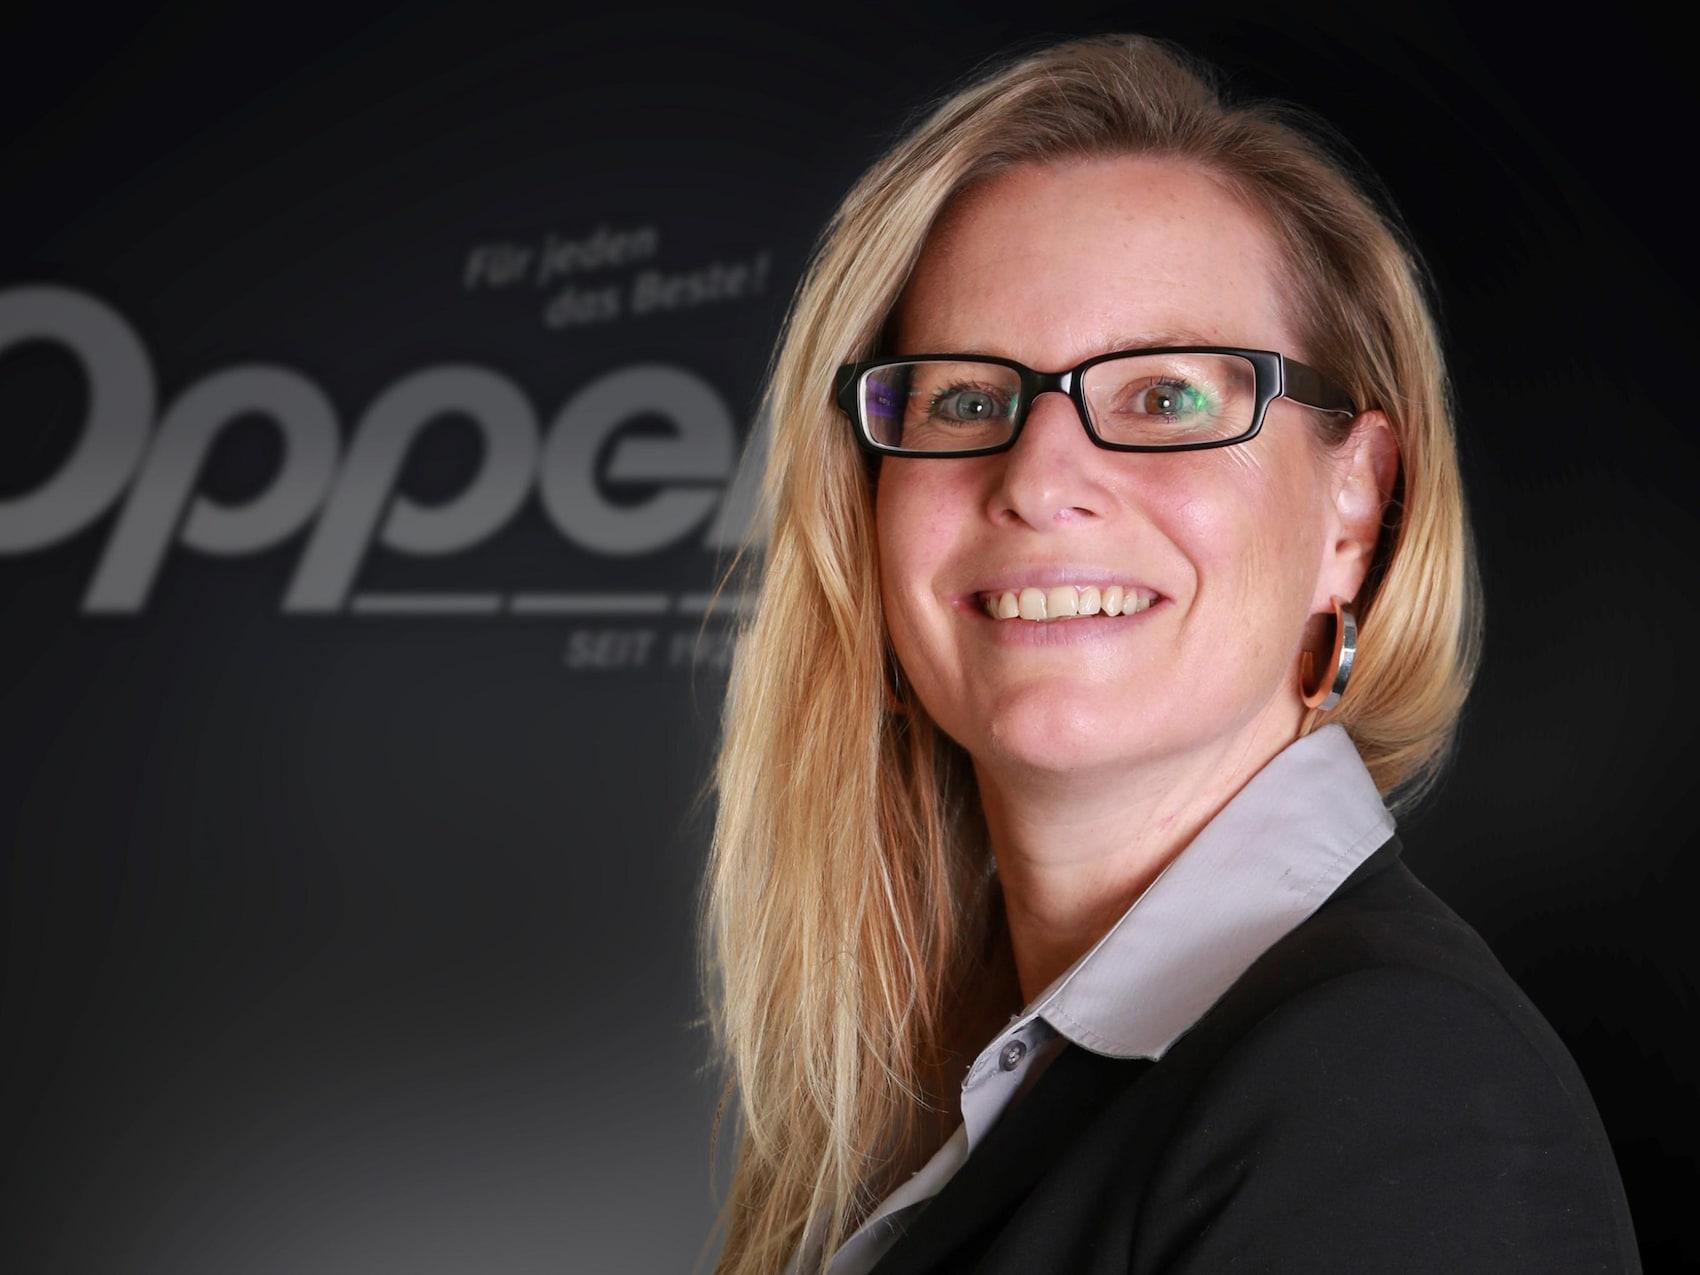 team-sSP-Oppel-GmbH-Plauen-und-Aue-Oppel-Susanne